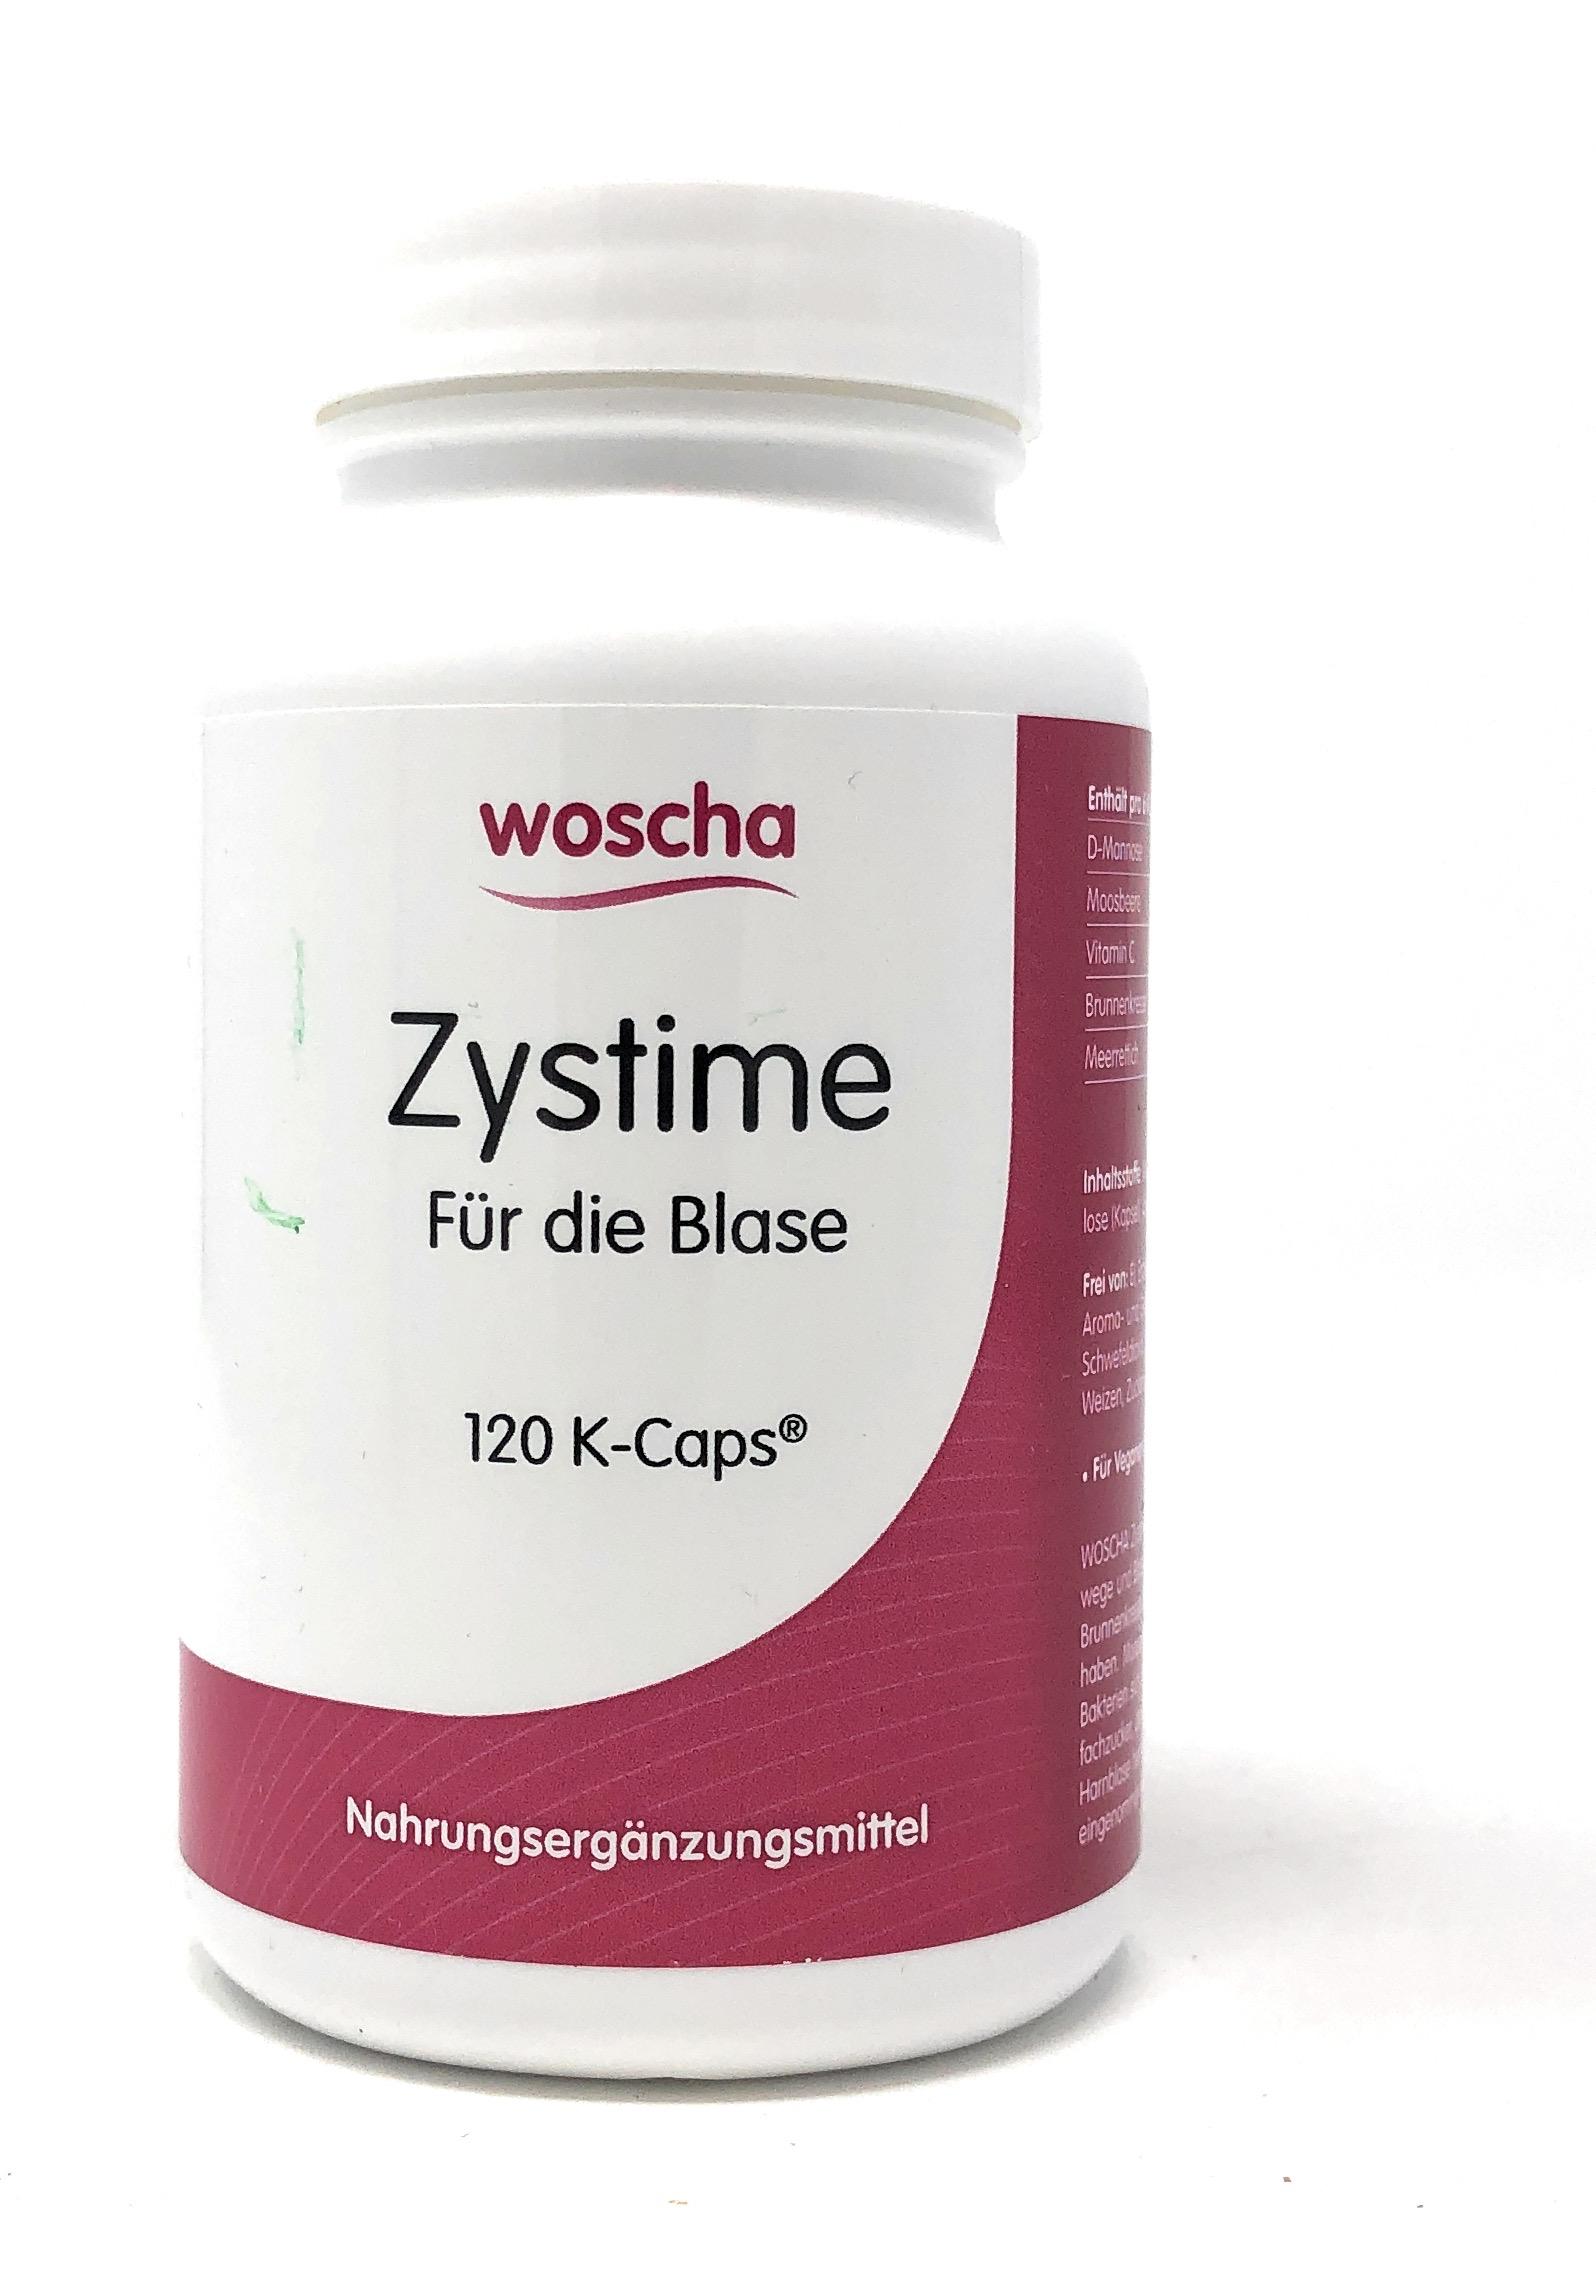 woscha Zystime für die Blase (D-Mannose, Cranberry) 120 K-Caps (100g) (vegan)